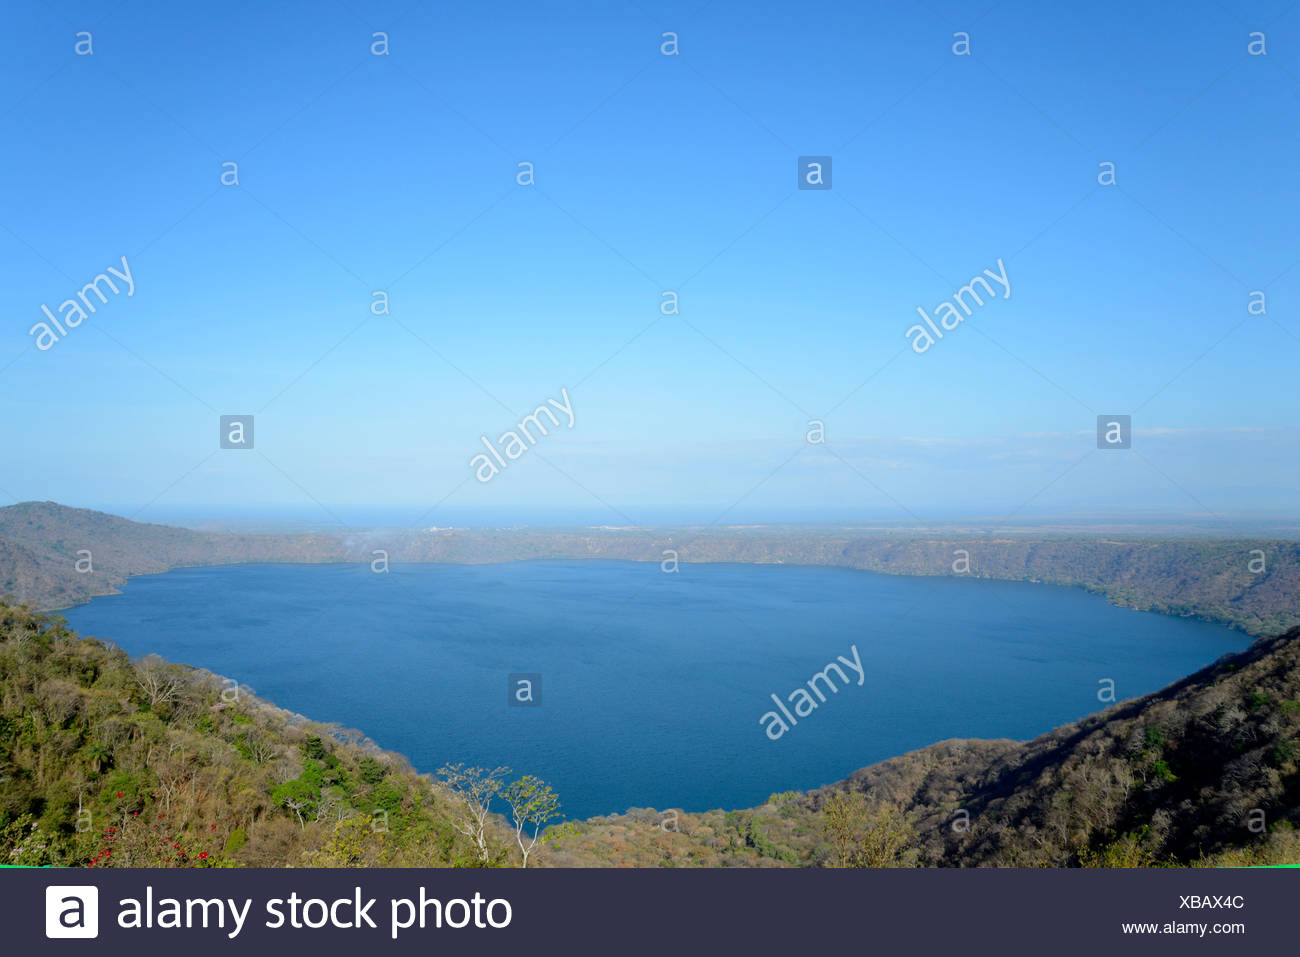 Central America, Nicaragua, Granada, Apoyo, lagune, lake, crater, volcanic, landscape, nature, Catarina - Stock Image